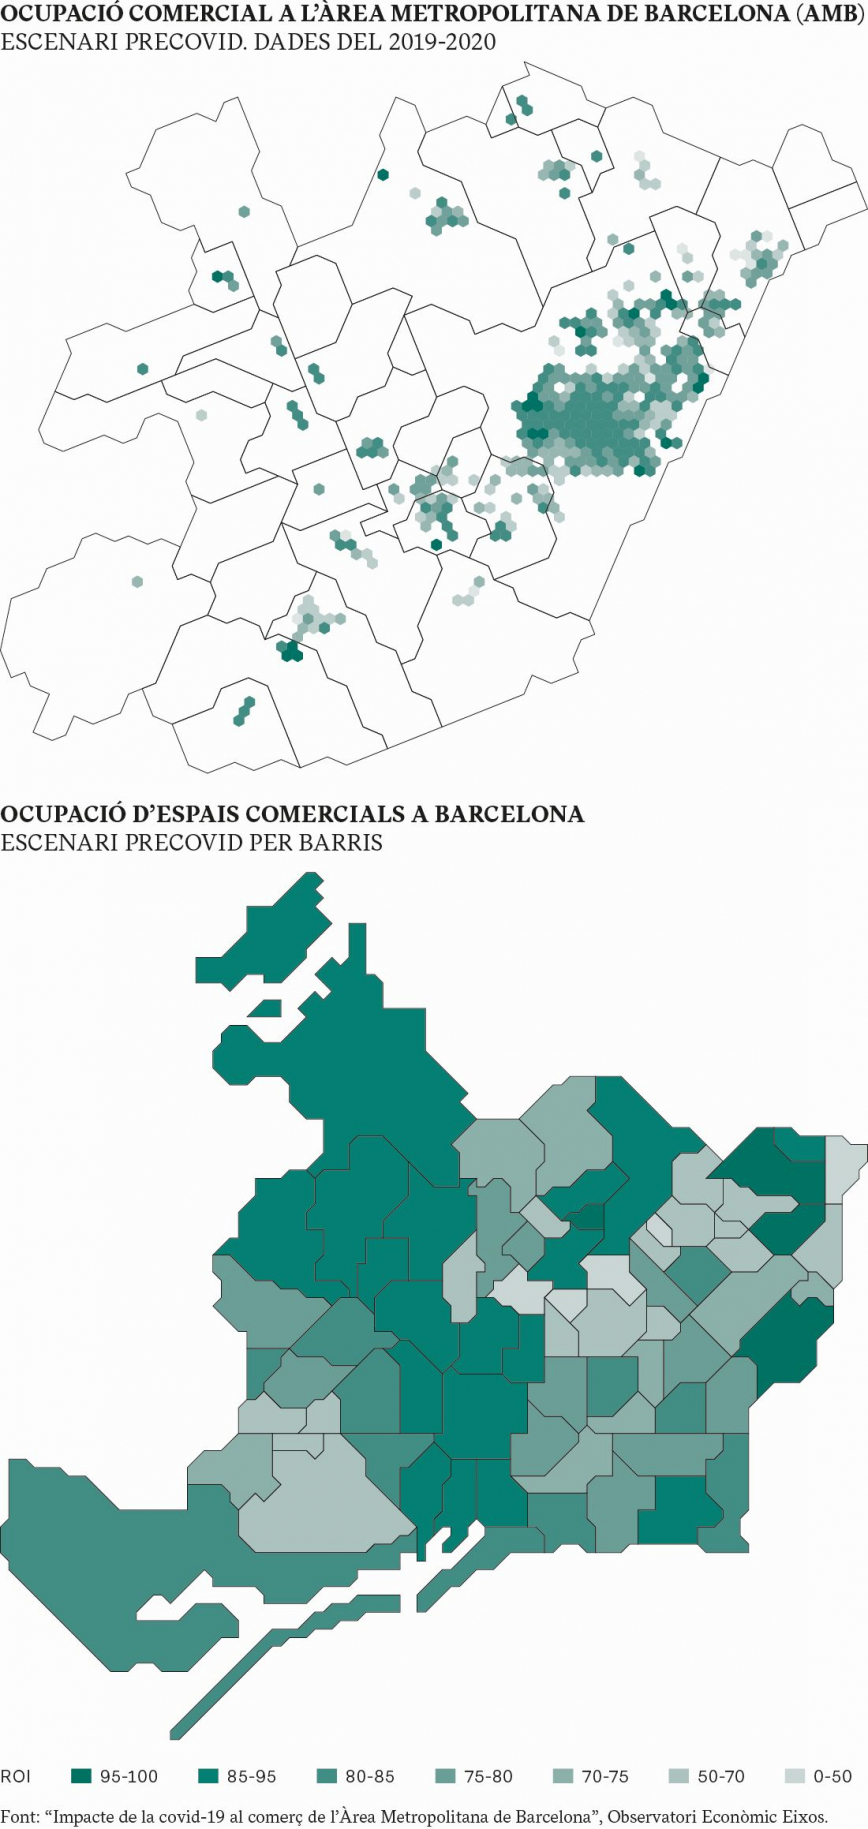 OCUPACIÓ COMERCIAL A L'ÀREA METROPOLITANA DE BARCELONA (AMB) I A LA CIUTAT DE BARCELONA: ESCENARI PRECOVID. DADES DEL 2019-2020